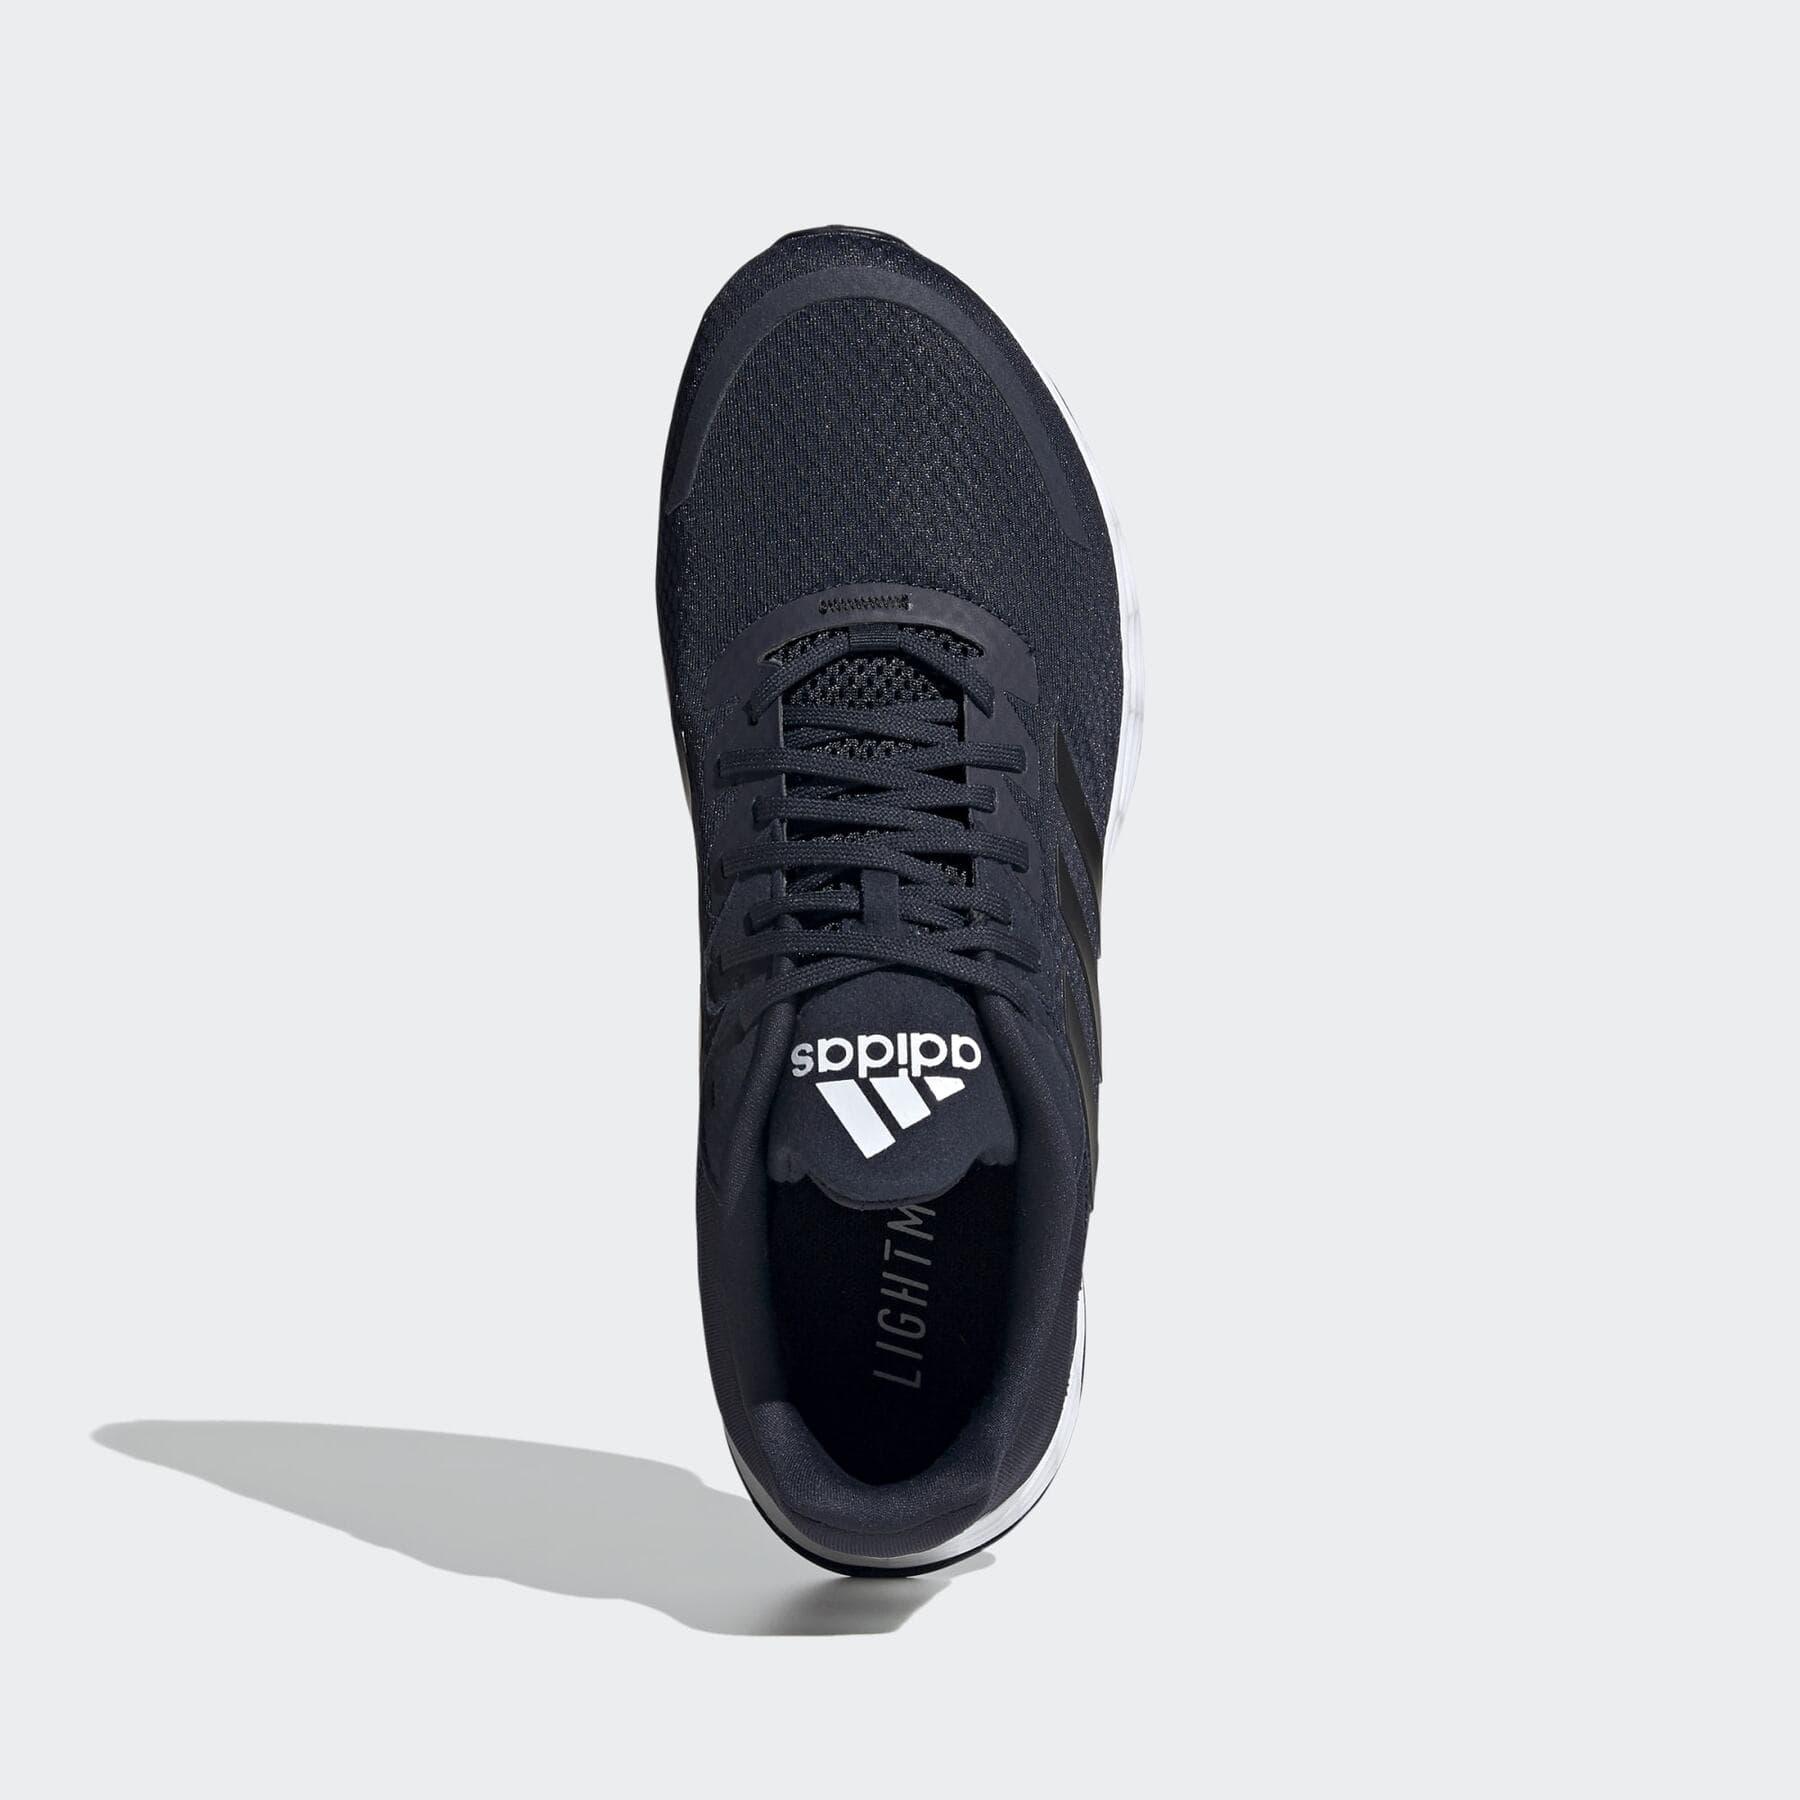 Duramo SL Erkek Siyah Koşu Ayakkabısı (FV8787)